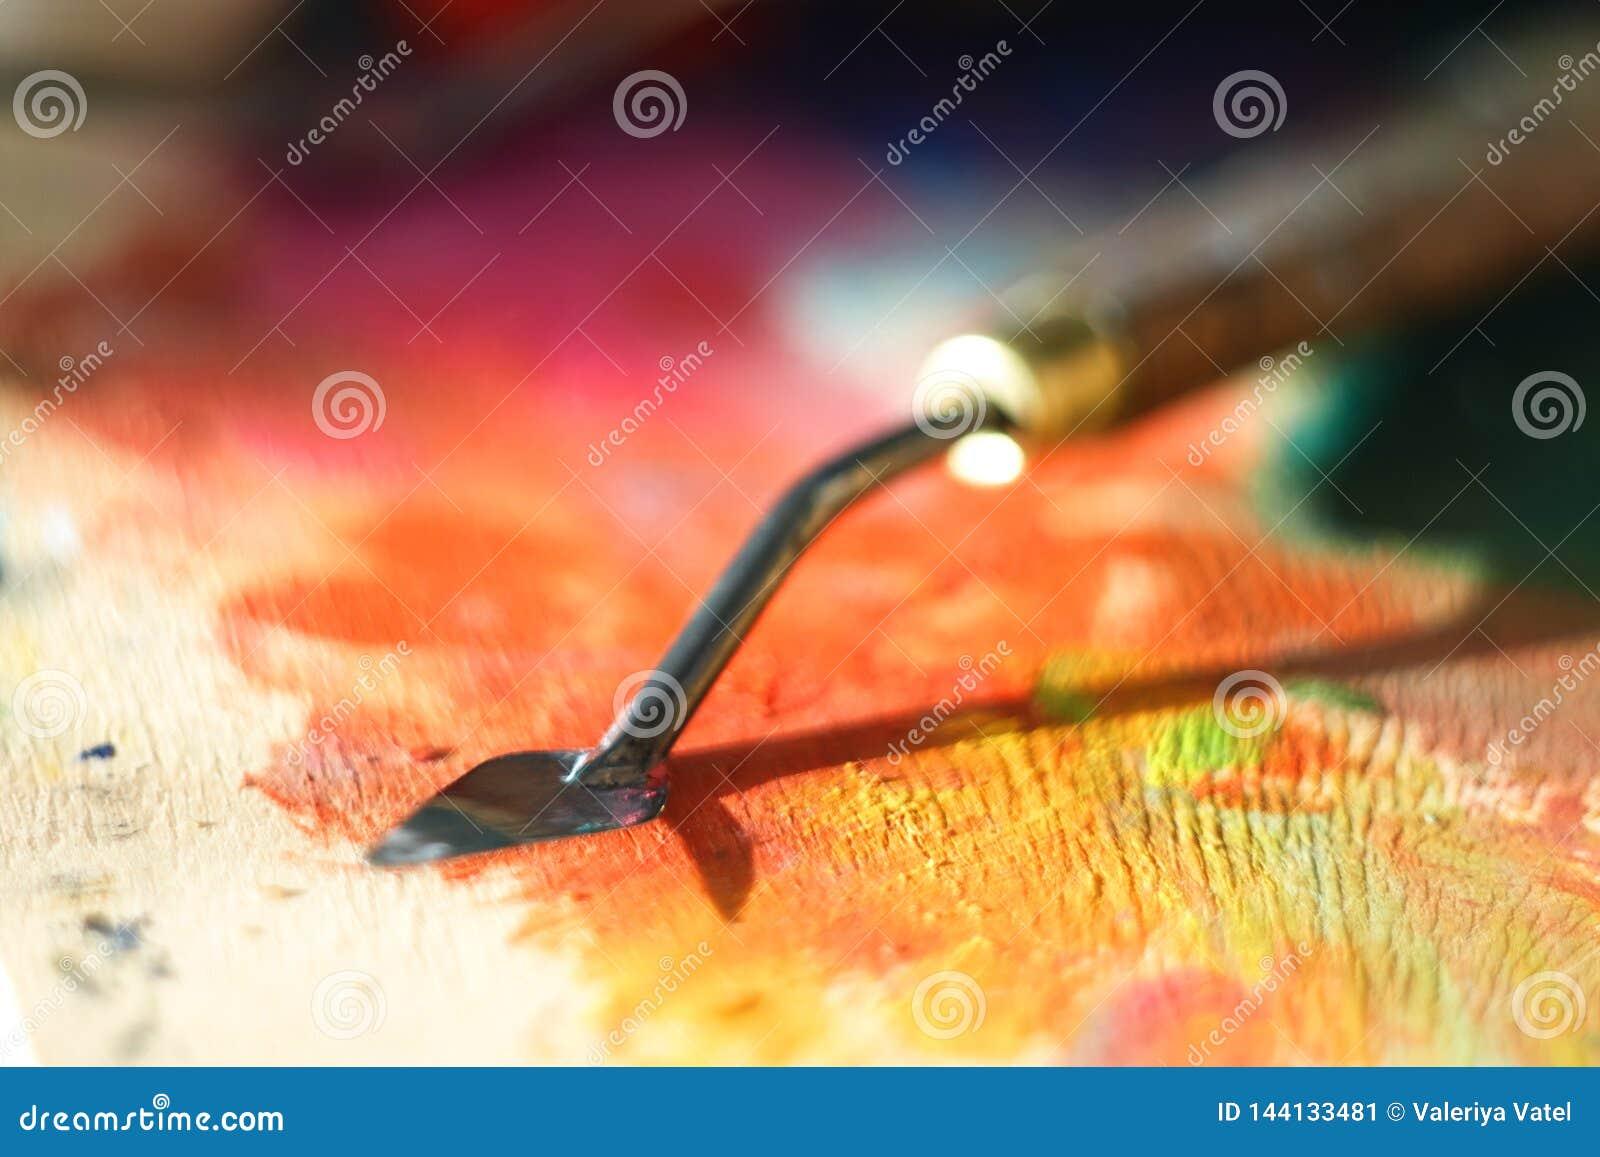 Грязный нож палитры после работы на крася лож на деревянной палитре